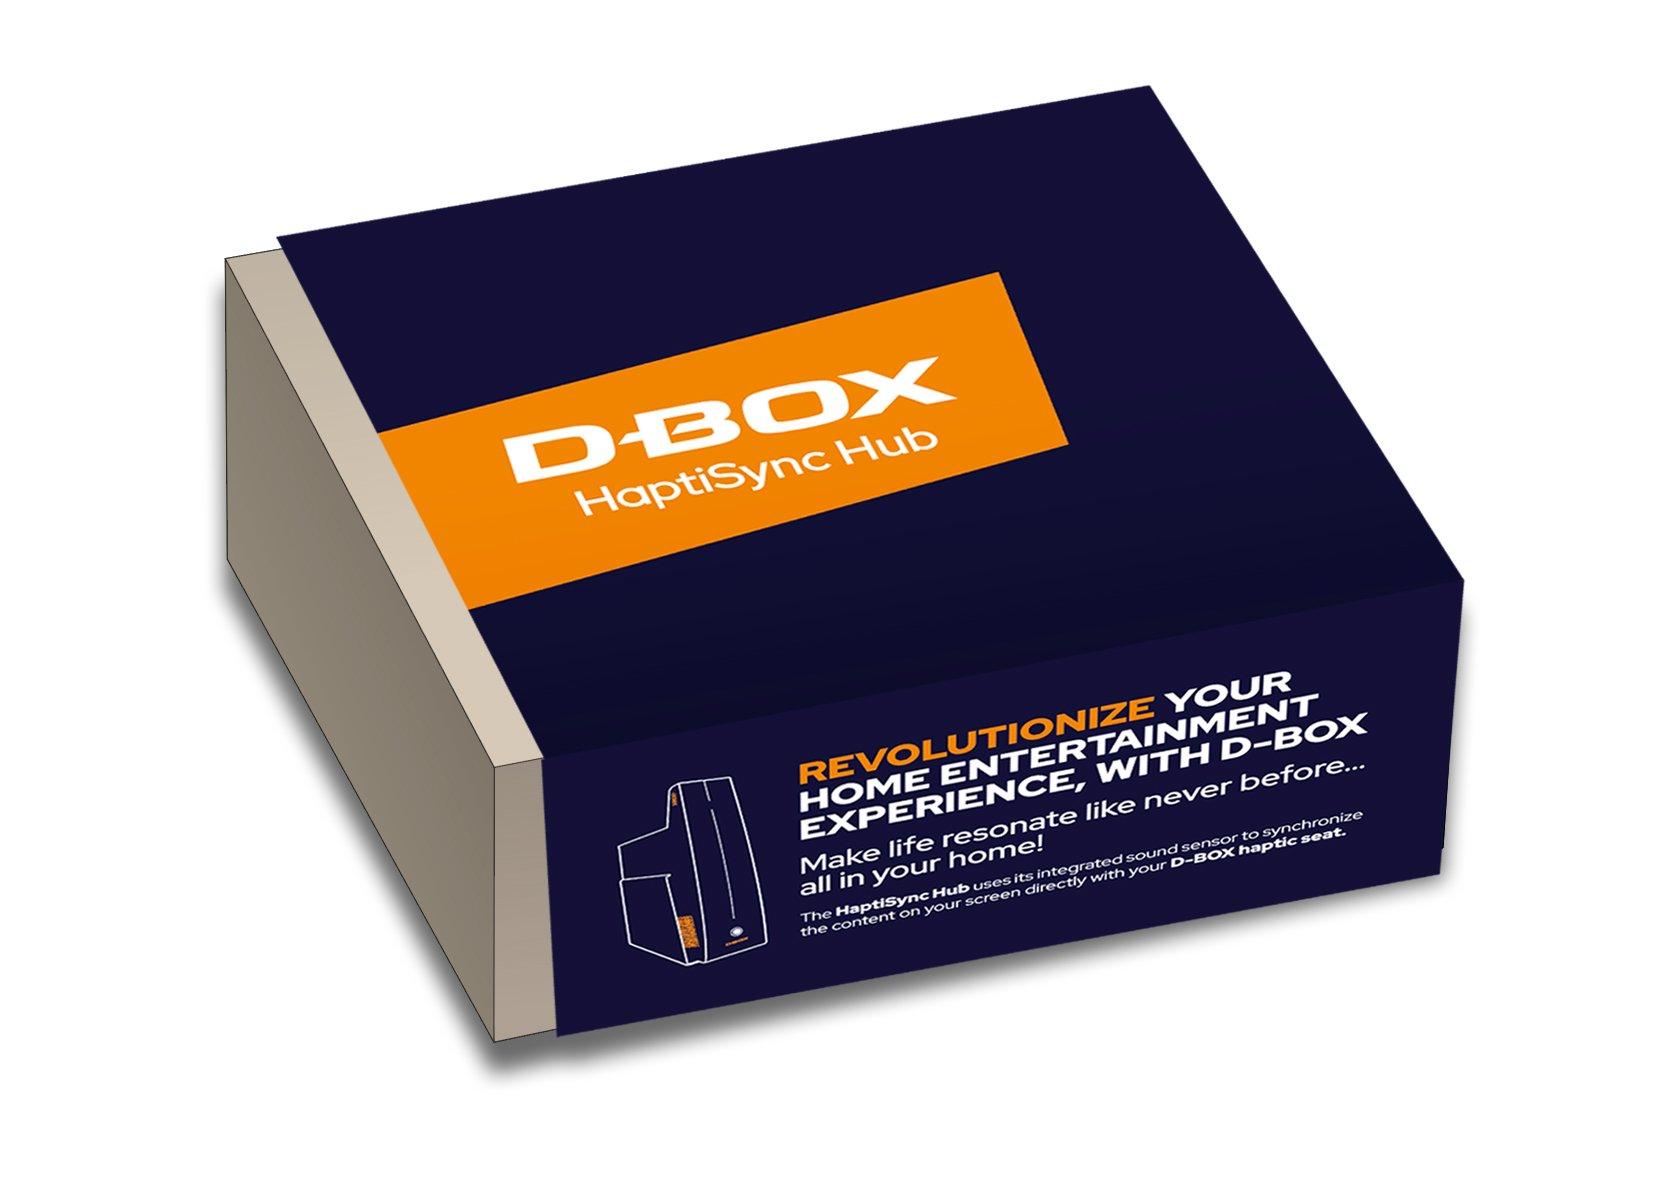 D-BOX-Haptisync-hub-box